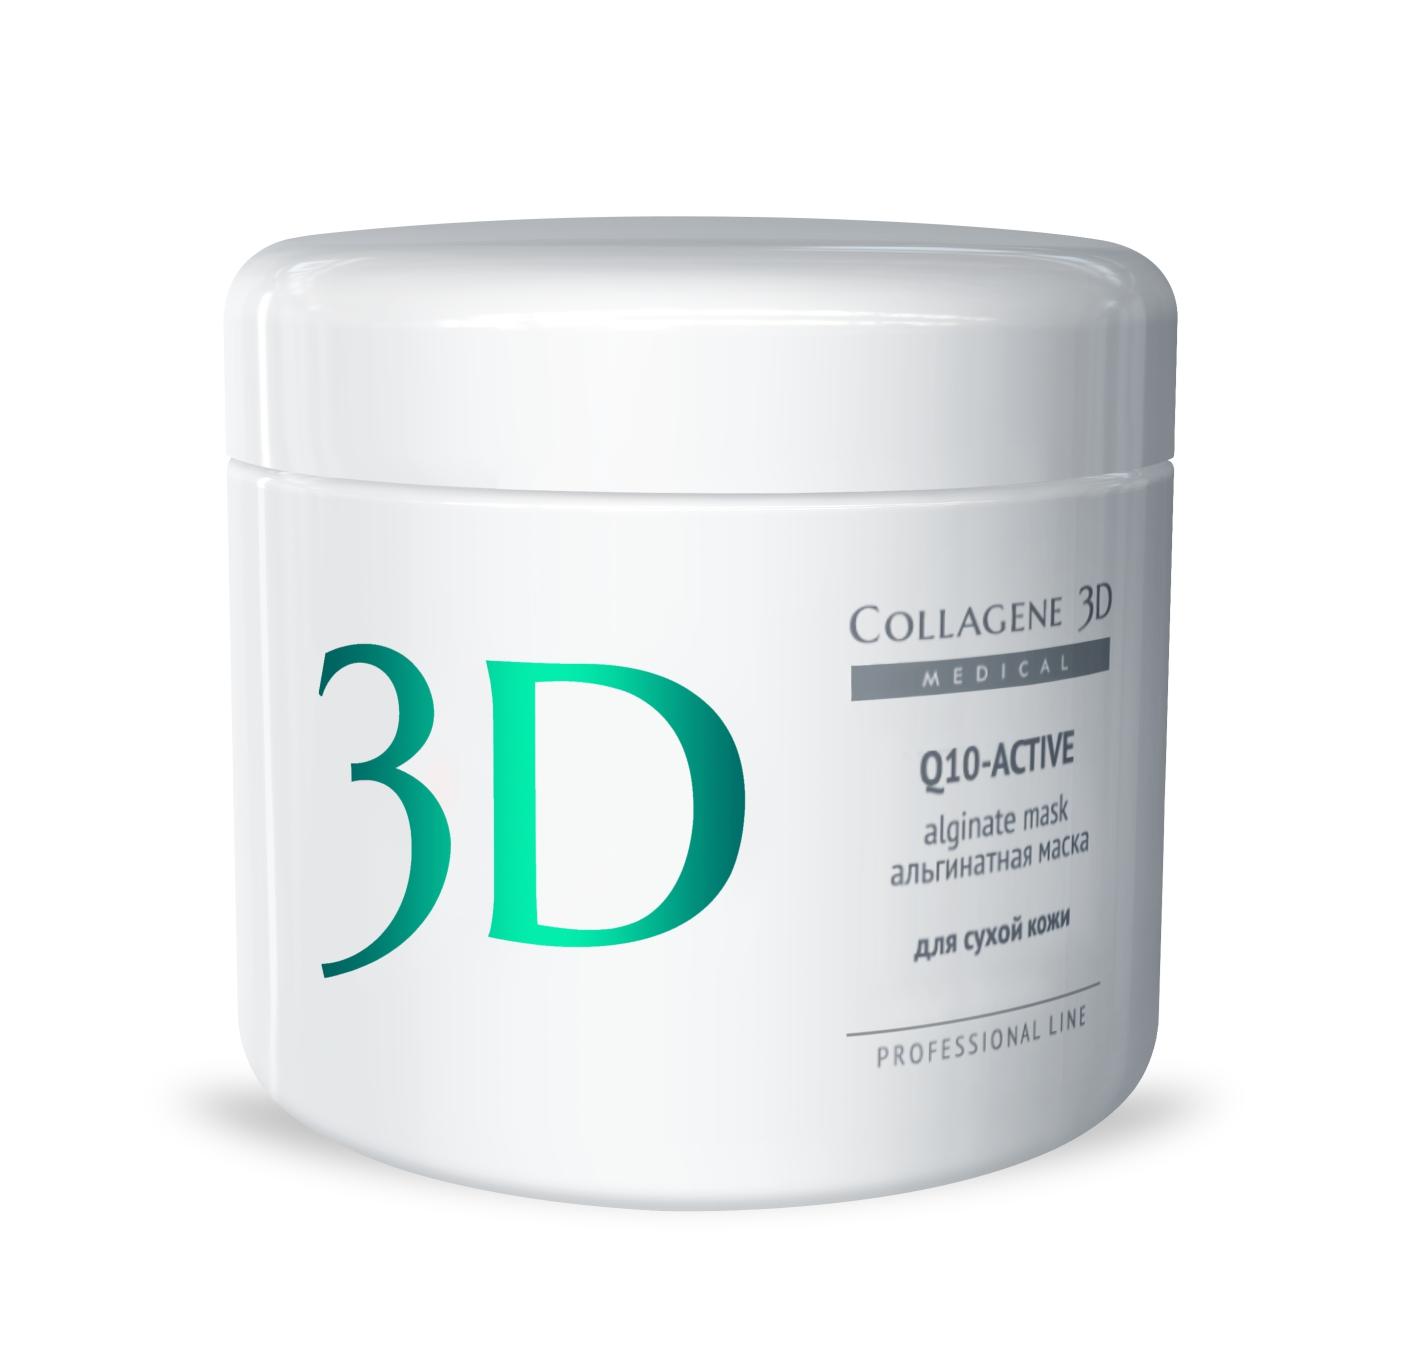 """MEDICAL COLLAGENE 3D Маска альгинатная с маслом арганы и коэнзимом Q10 для лица и тела """"Q10-active"""" 200гр"""